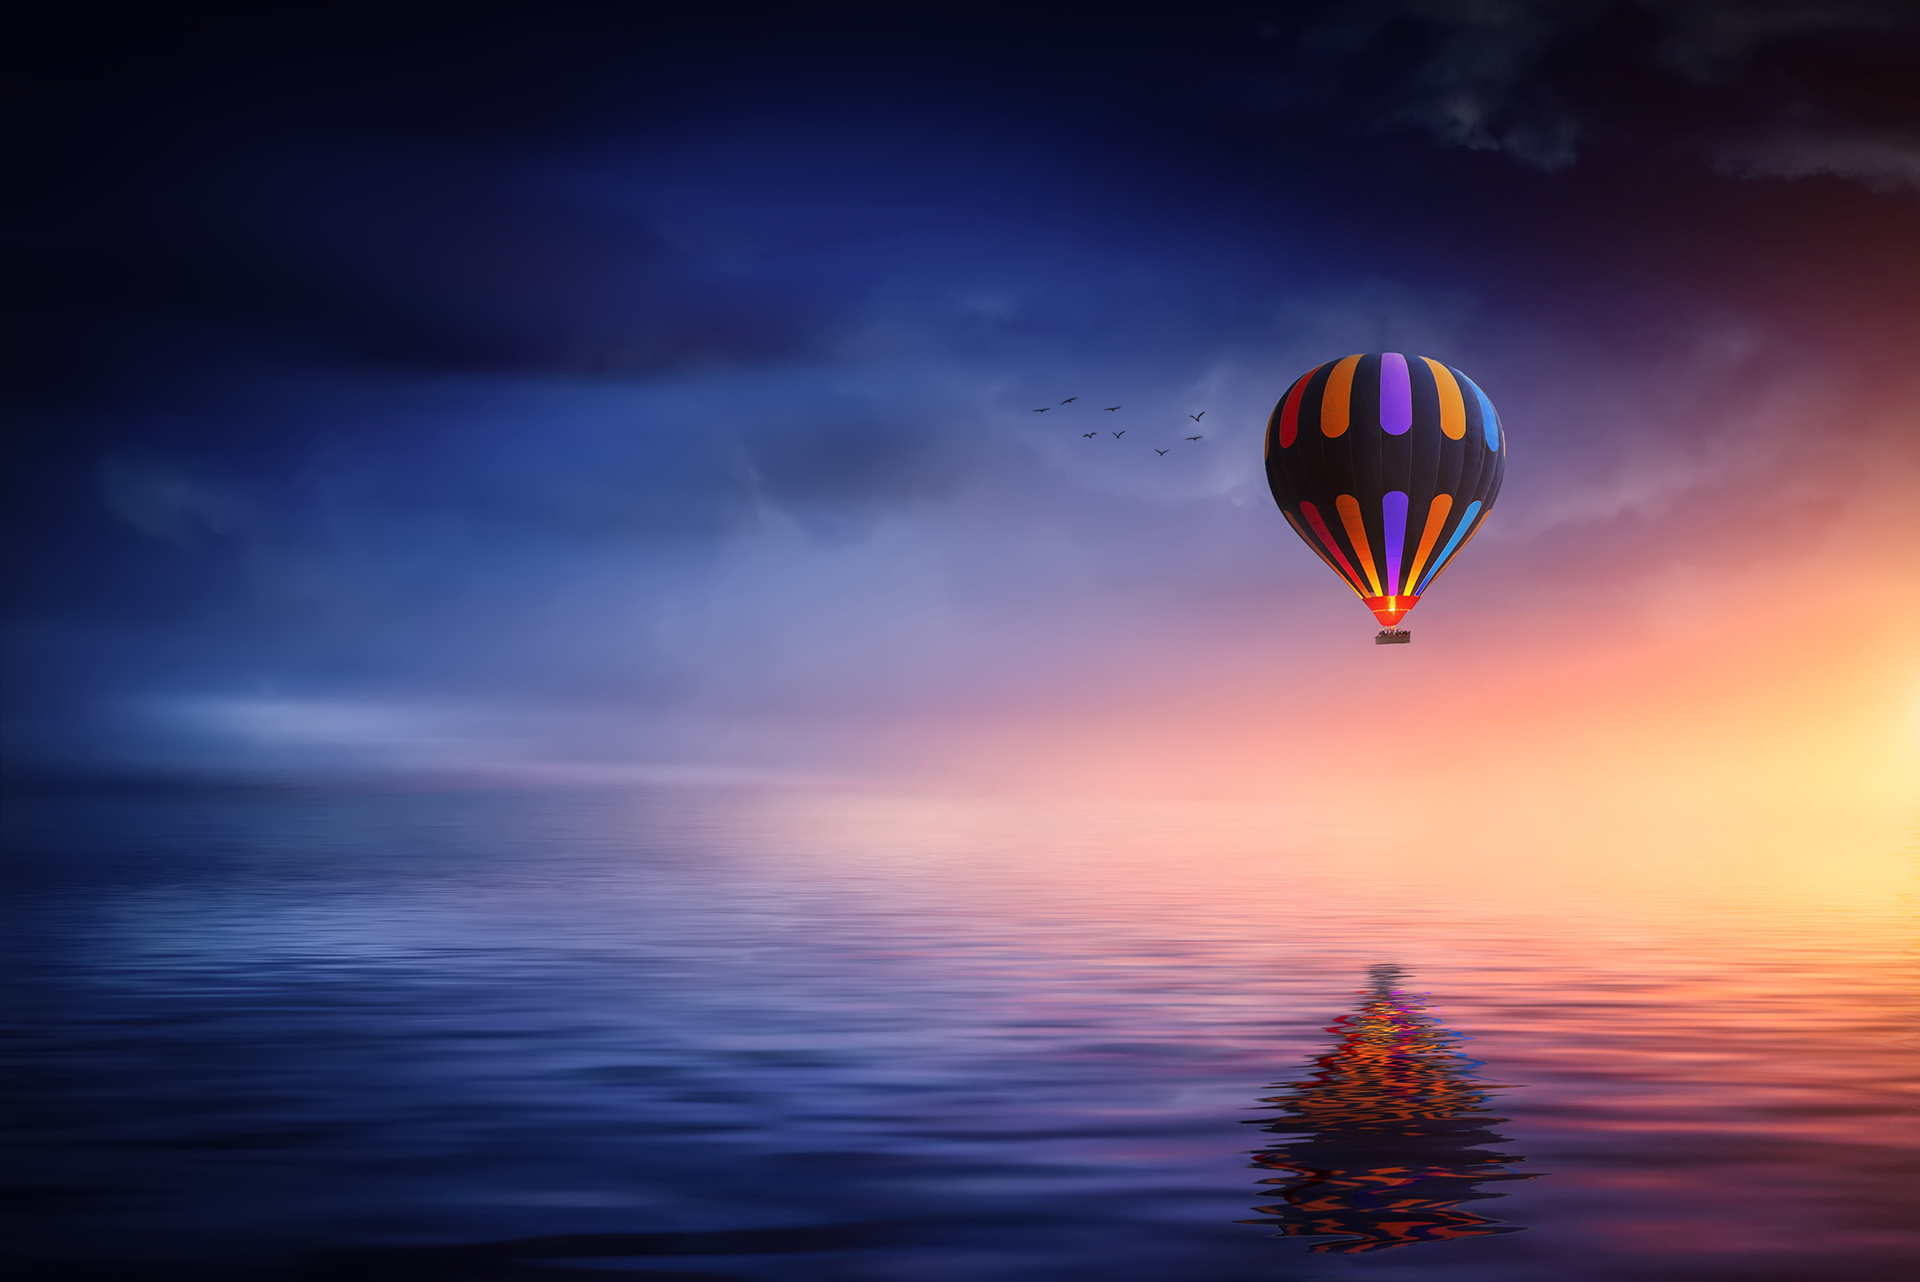 Обои воздушный шар, красиво. Города foto 19